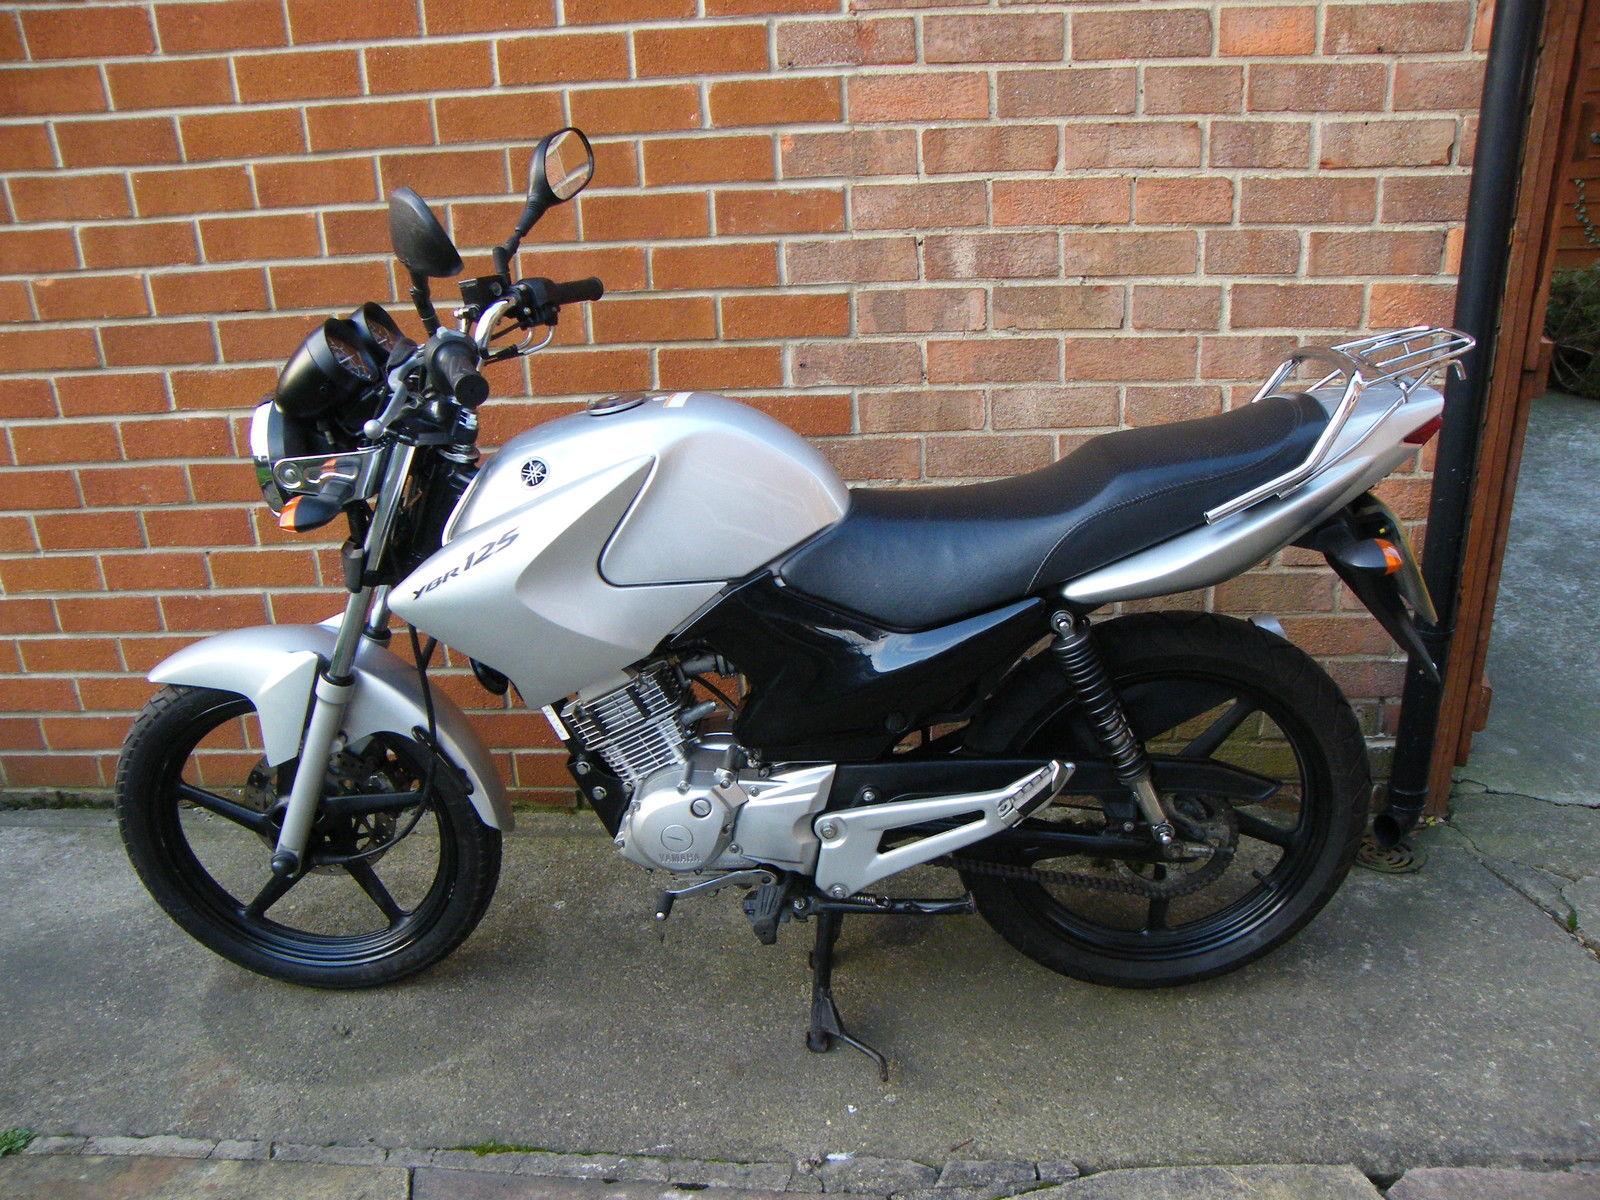 yamaha ybr125ed 11 reg     make an offer 2008 Yamaha YBR 125 Review Yamaha YBR 125G